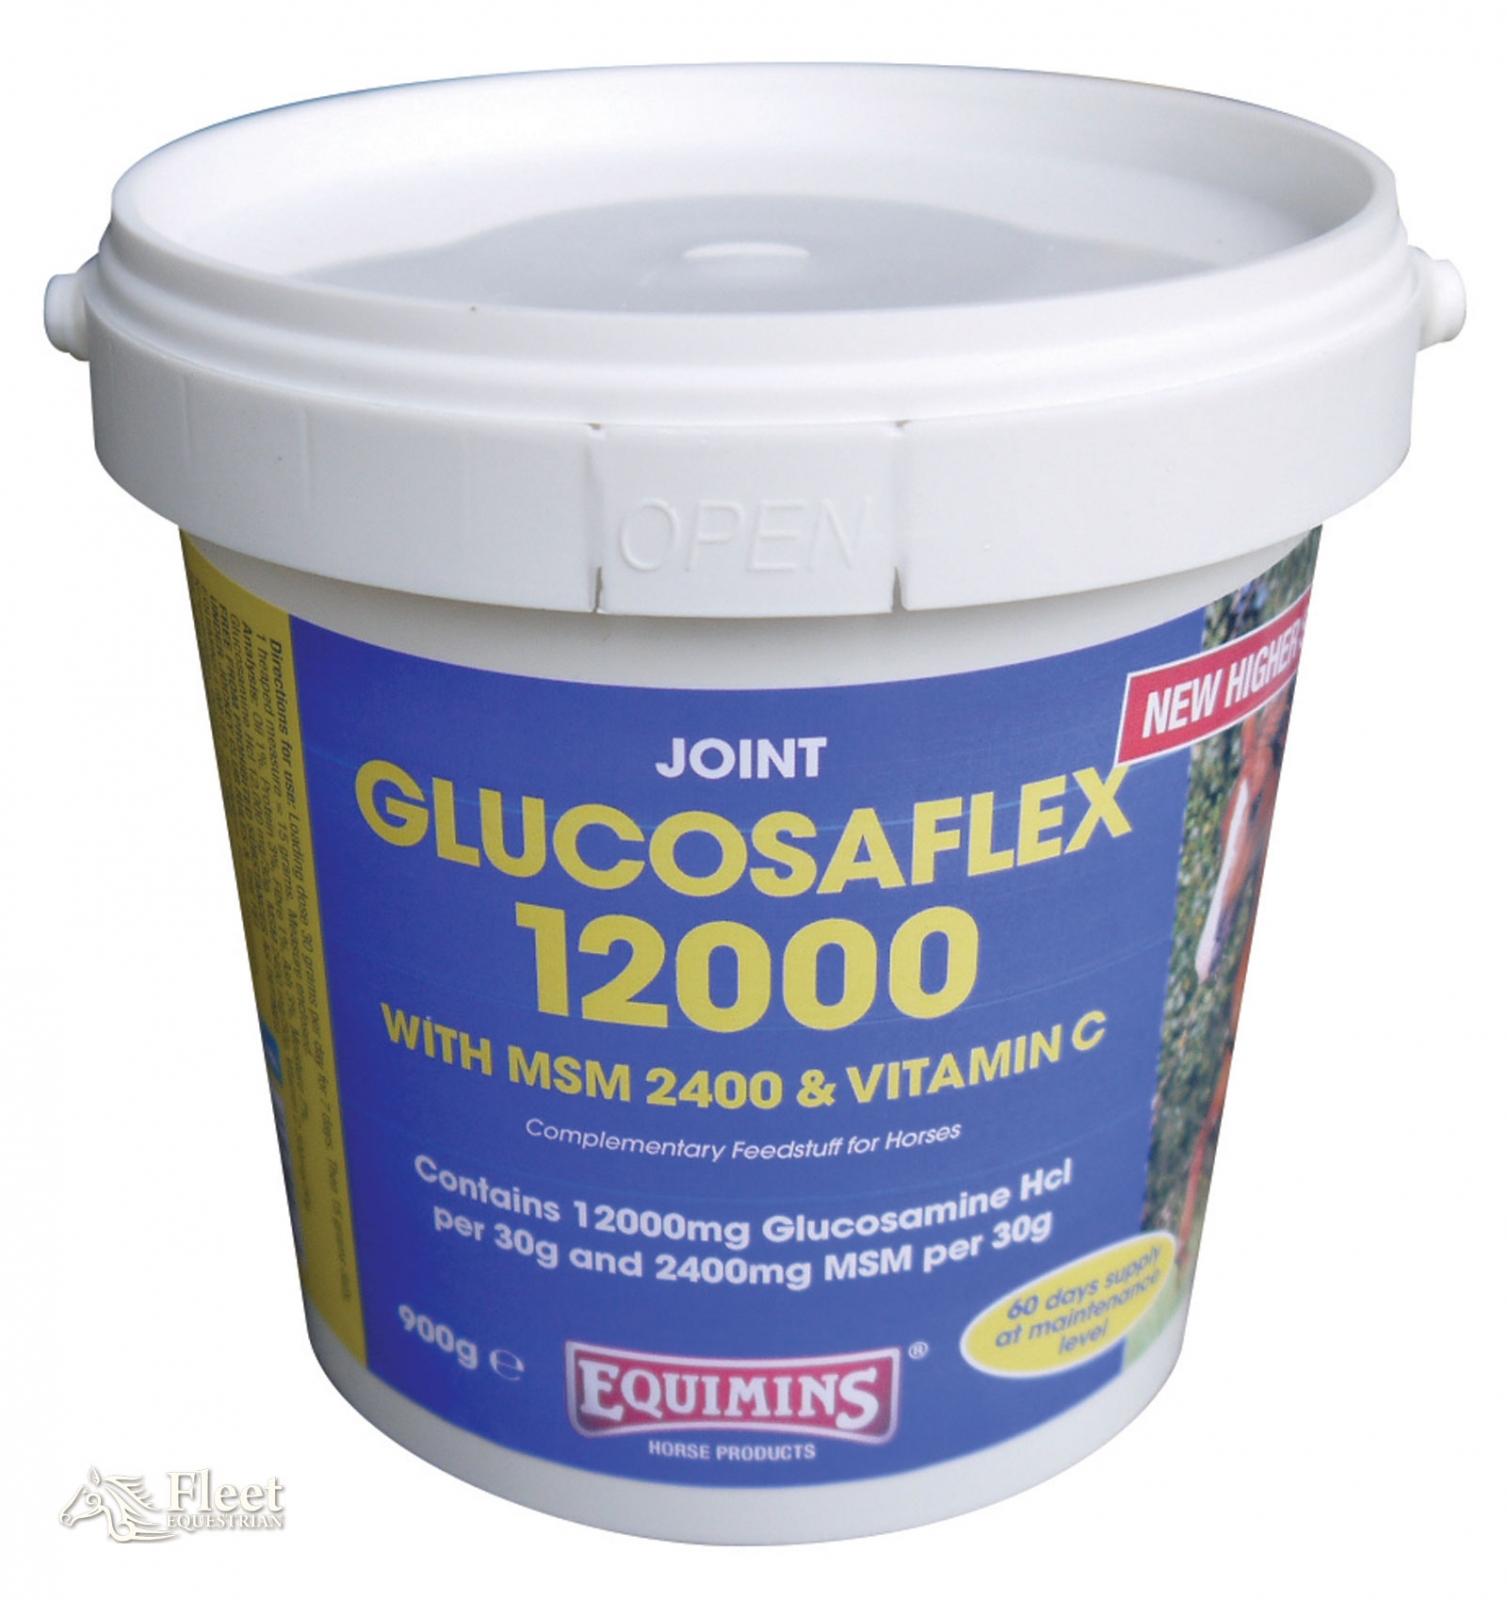 Glucosaflex 12000 Joint Supplement